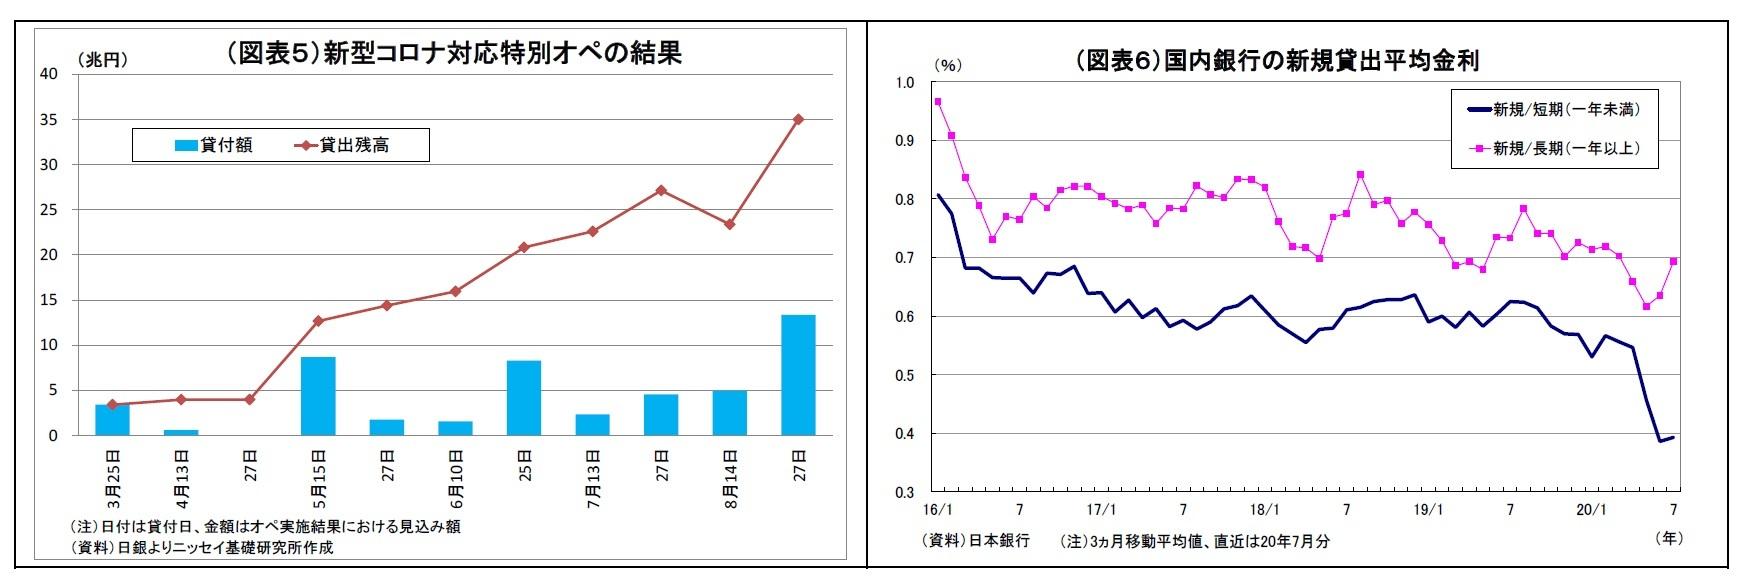 (図表5)新型コロナ対応特別オペの結果/(図表6)国内銀行の新規貸出平均金利